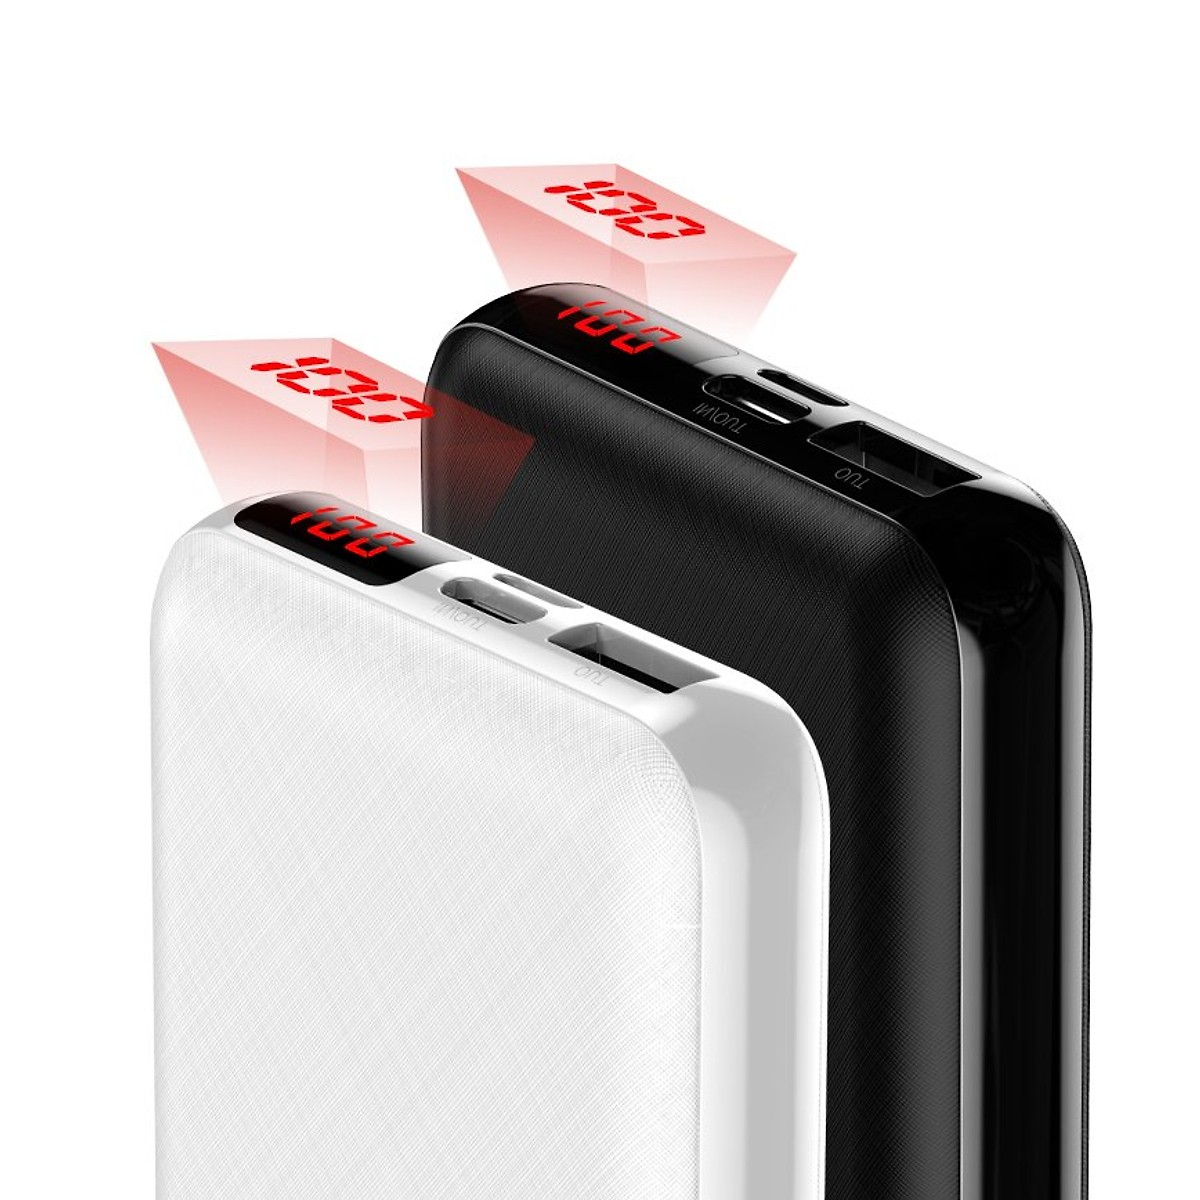 Pin sạc dự phòng 10.000mAh QC 3.0 Baseus Mini S PD siêu nhỏ gọn màn hình LED - Hàng chính hãng